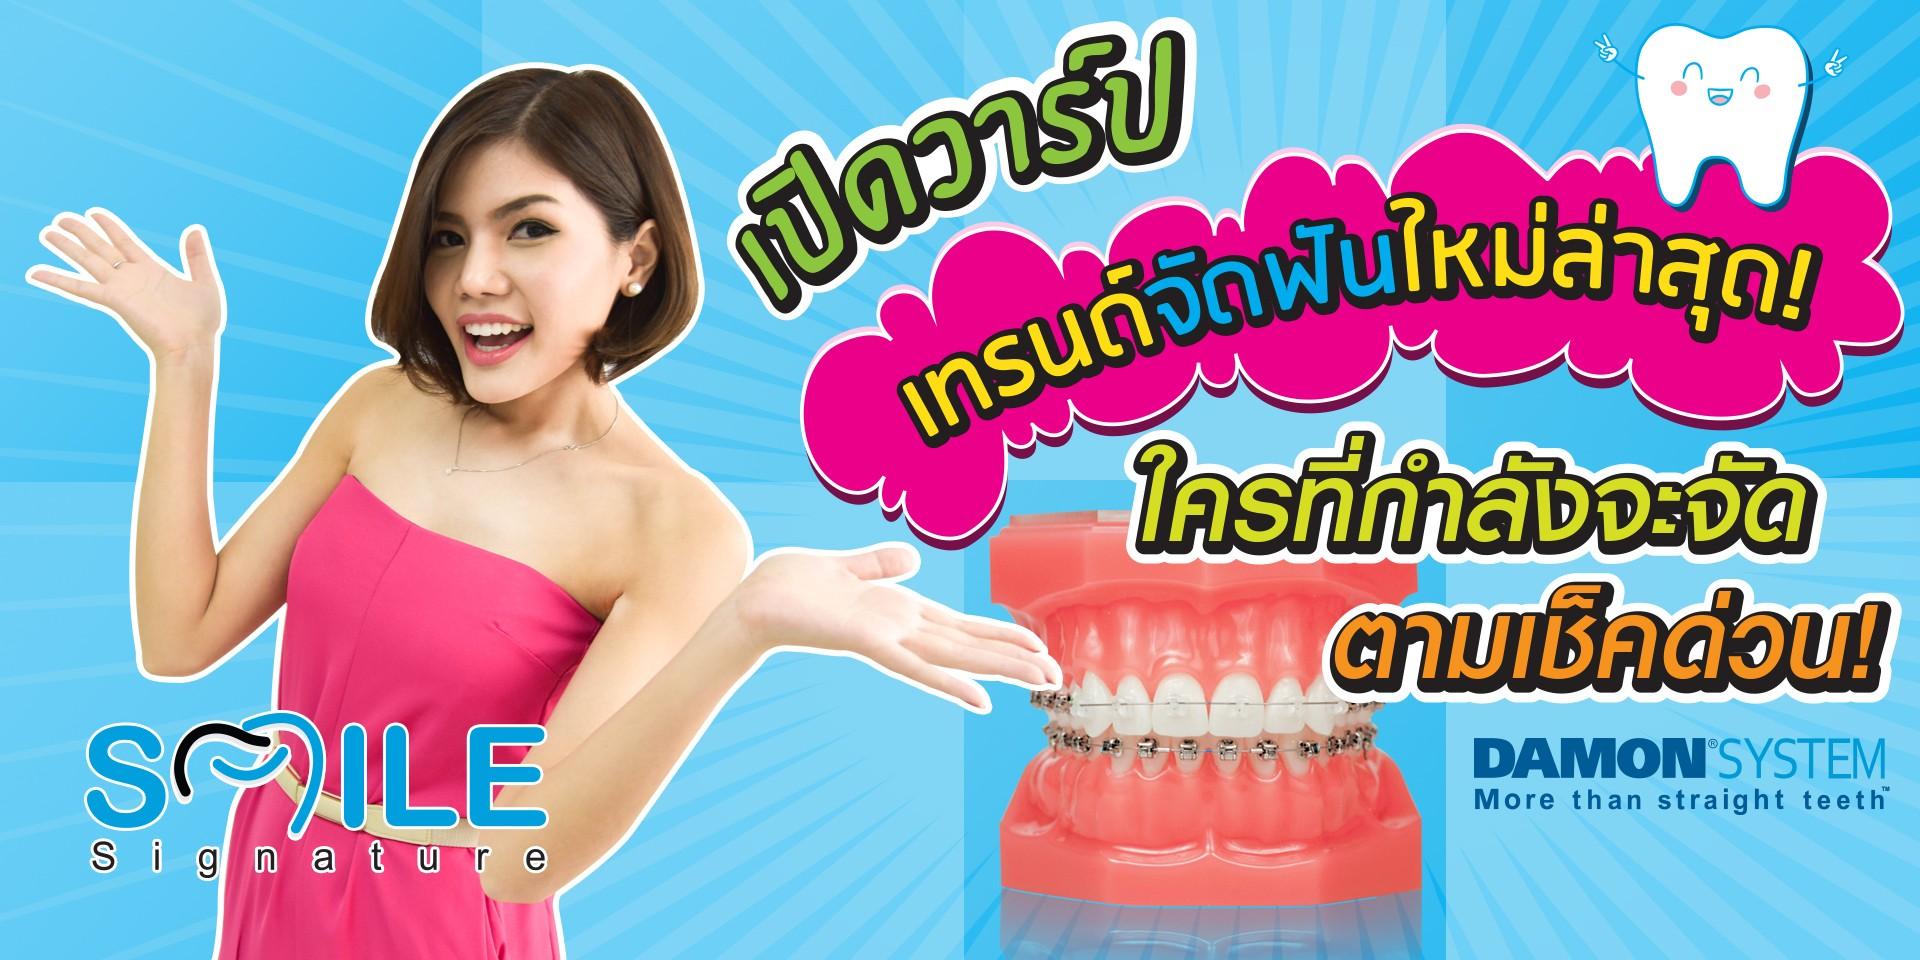 เปิดวาร์ปเทรนด์จัดฟันใหม่ล่าสุด ใครที่กำลังจะจัด ตามมาเช็คด่วน!